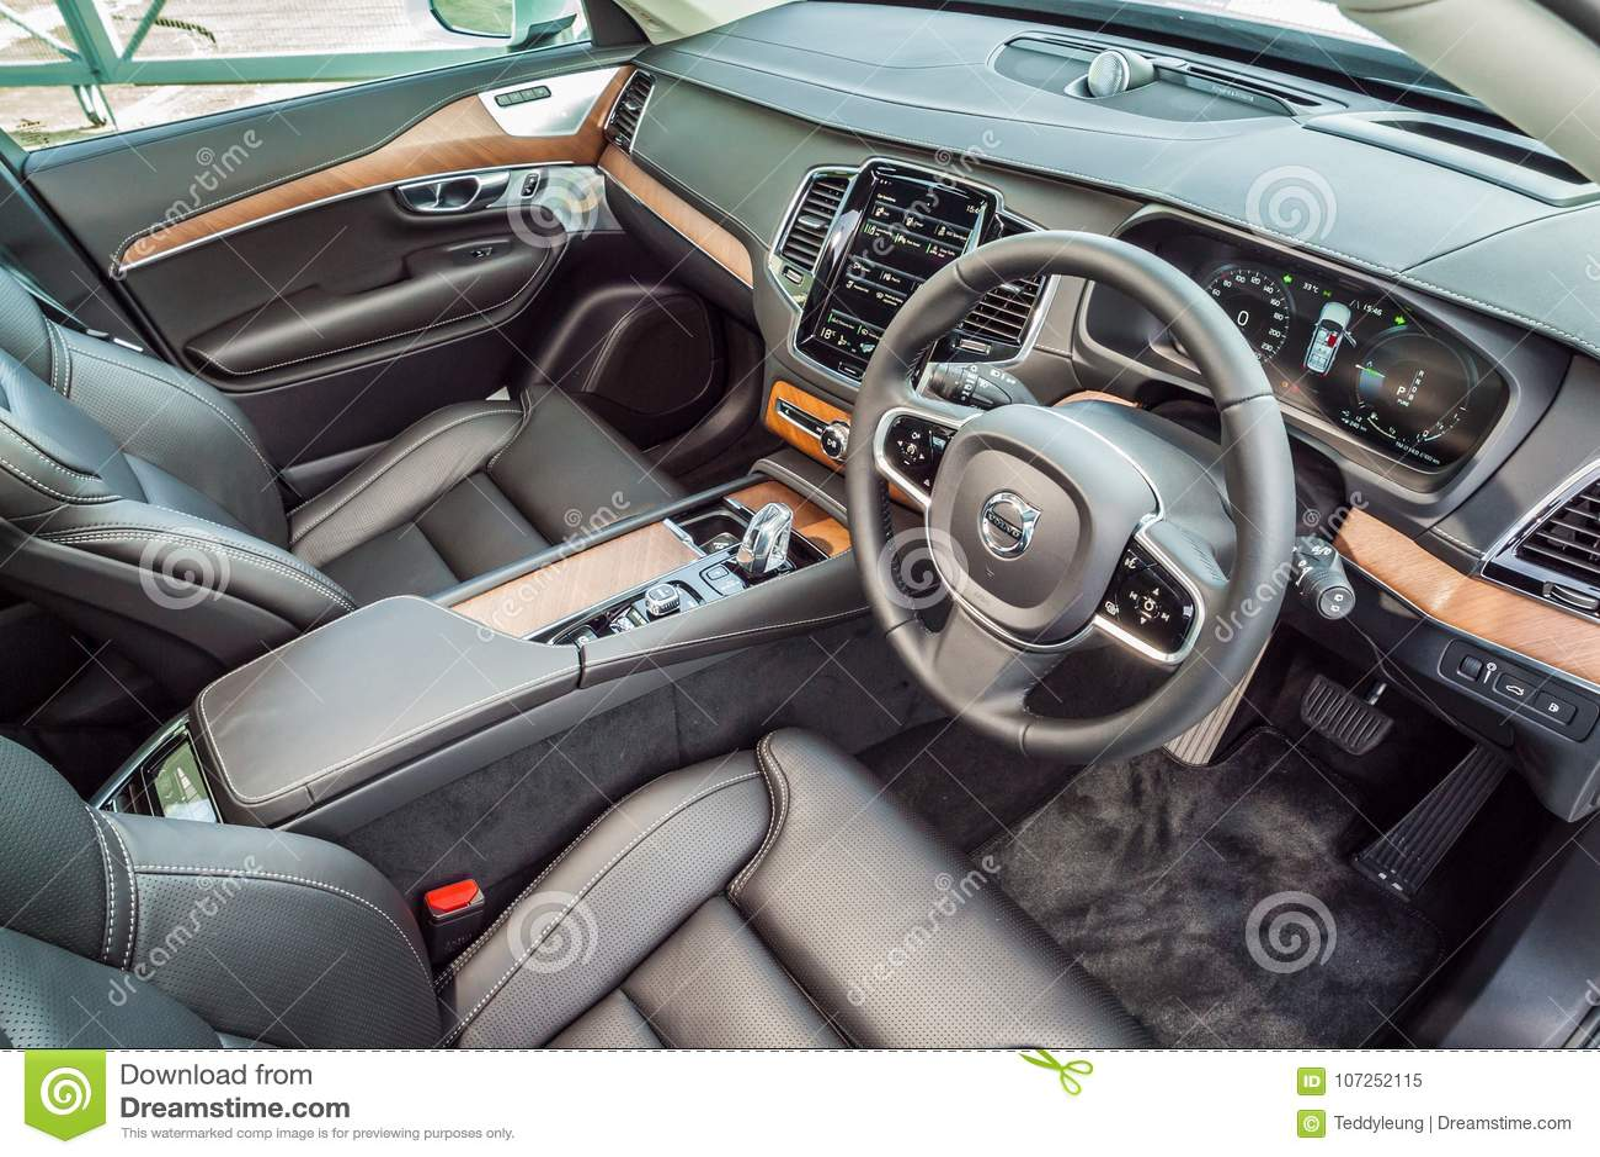 Interior Do Turbocompressor 2017 Do Gemeo De Volvo Xc90 Imagem Editorial Imagem De 2017 Gemeo 107252115